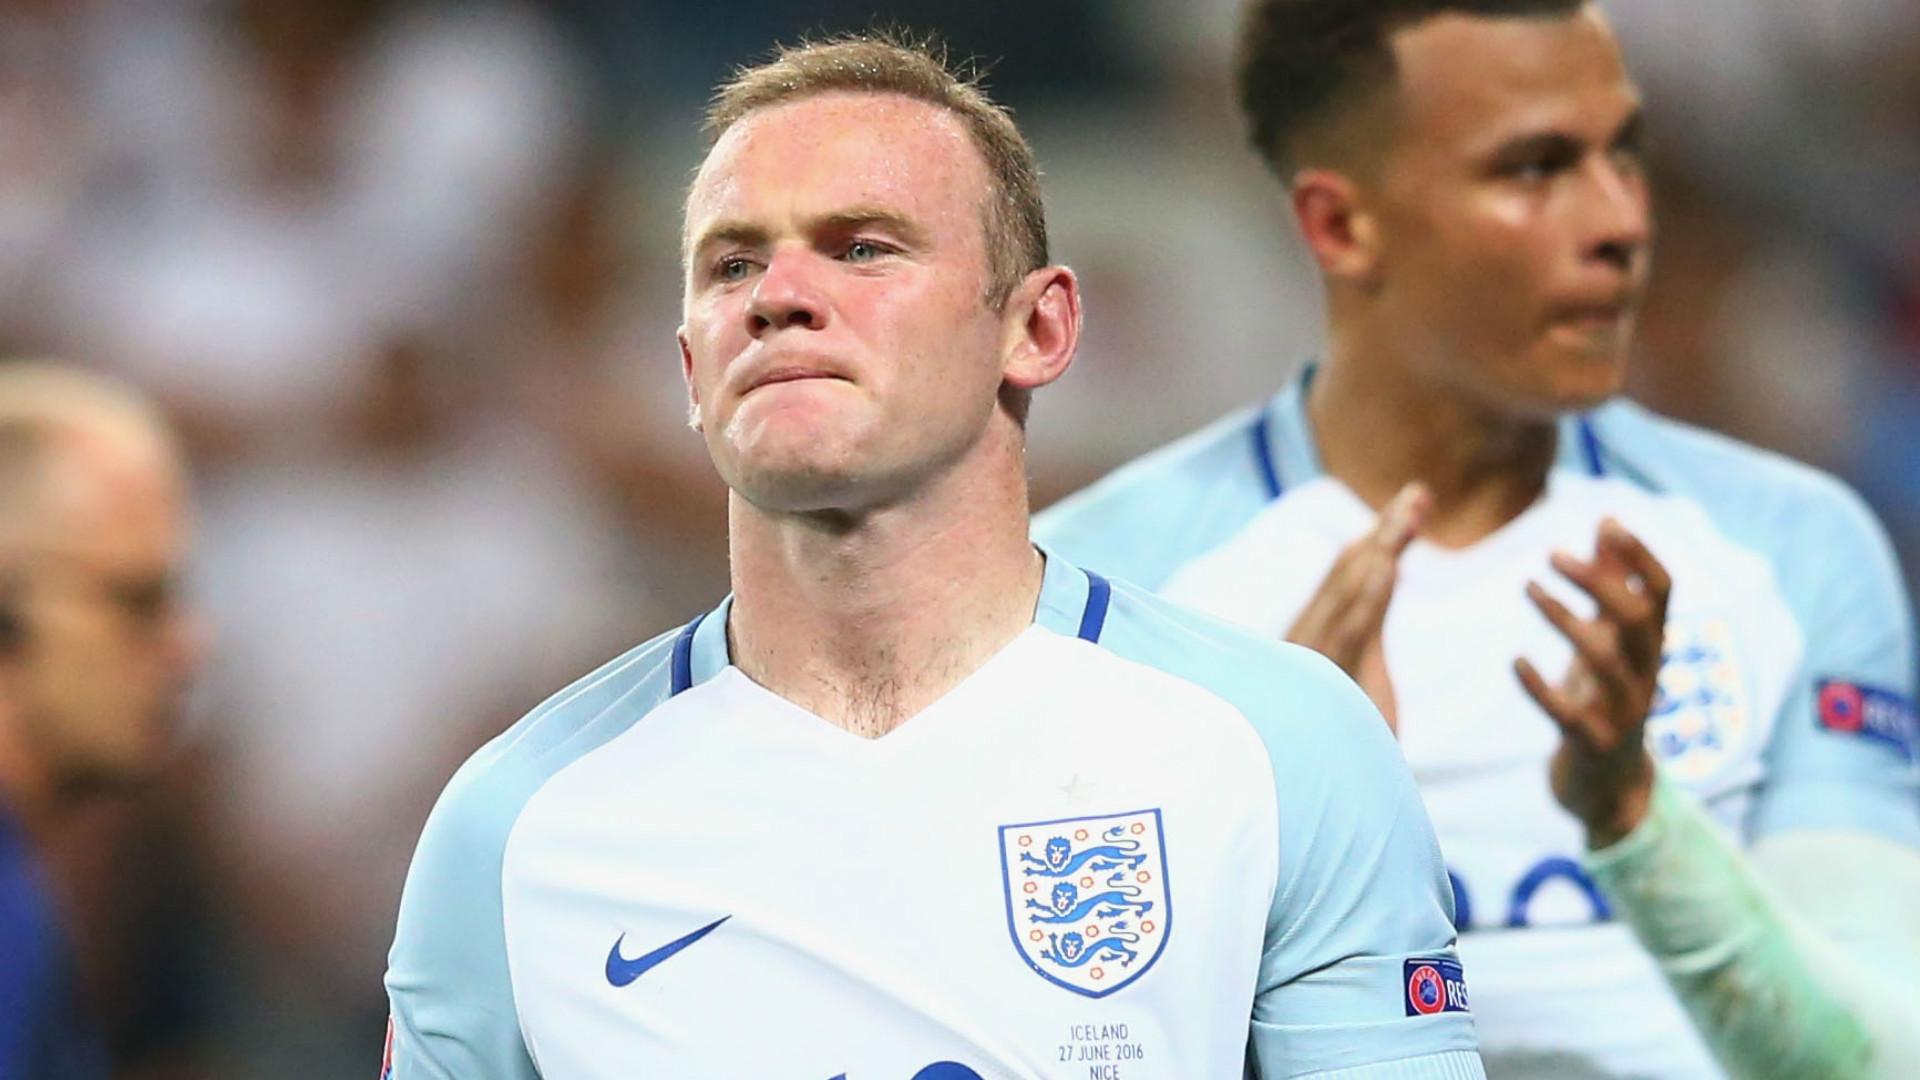 FA không thể tổ chức trận tri ân cho Rooney - Bóng Đá